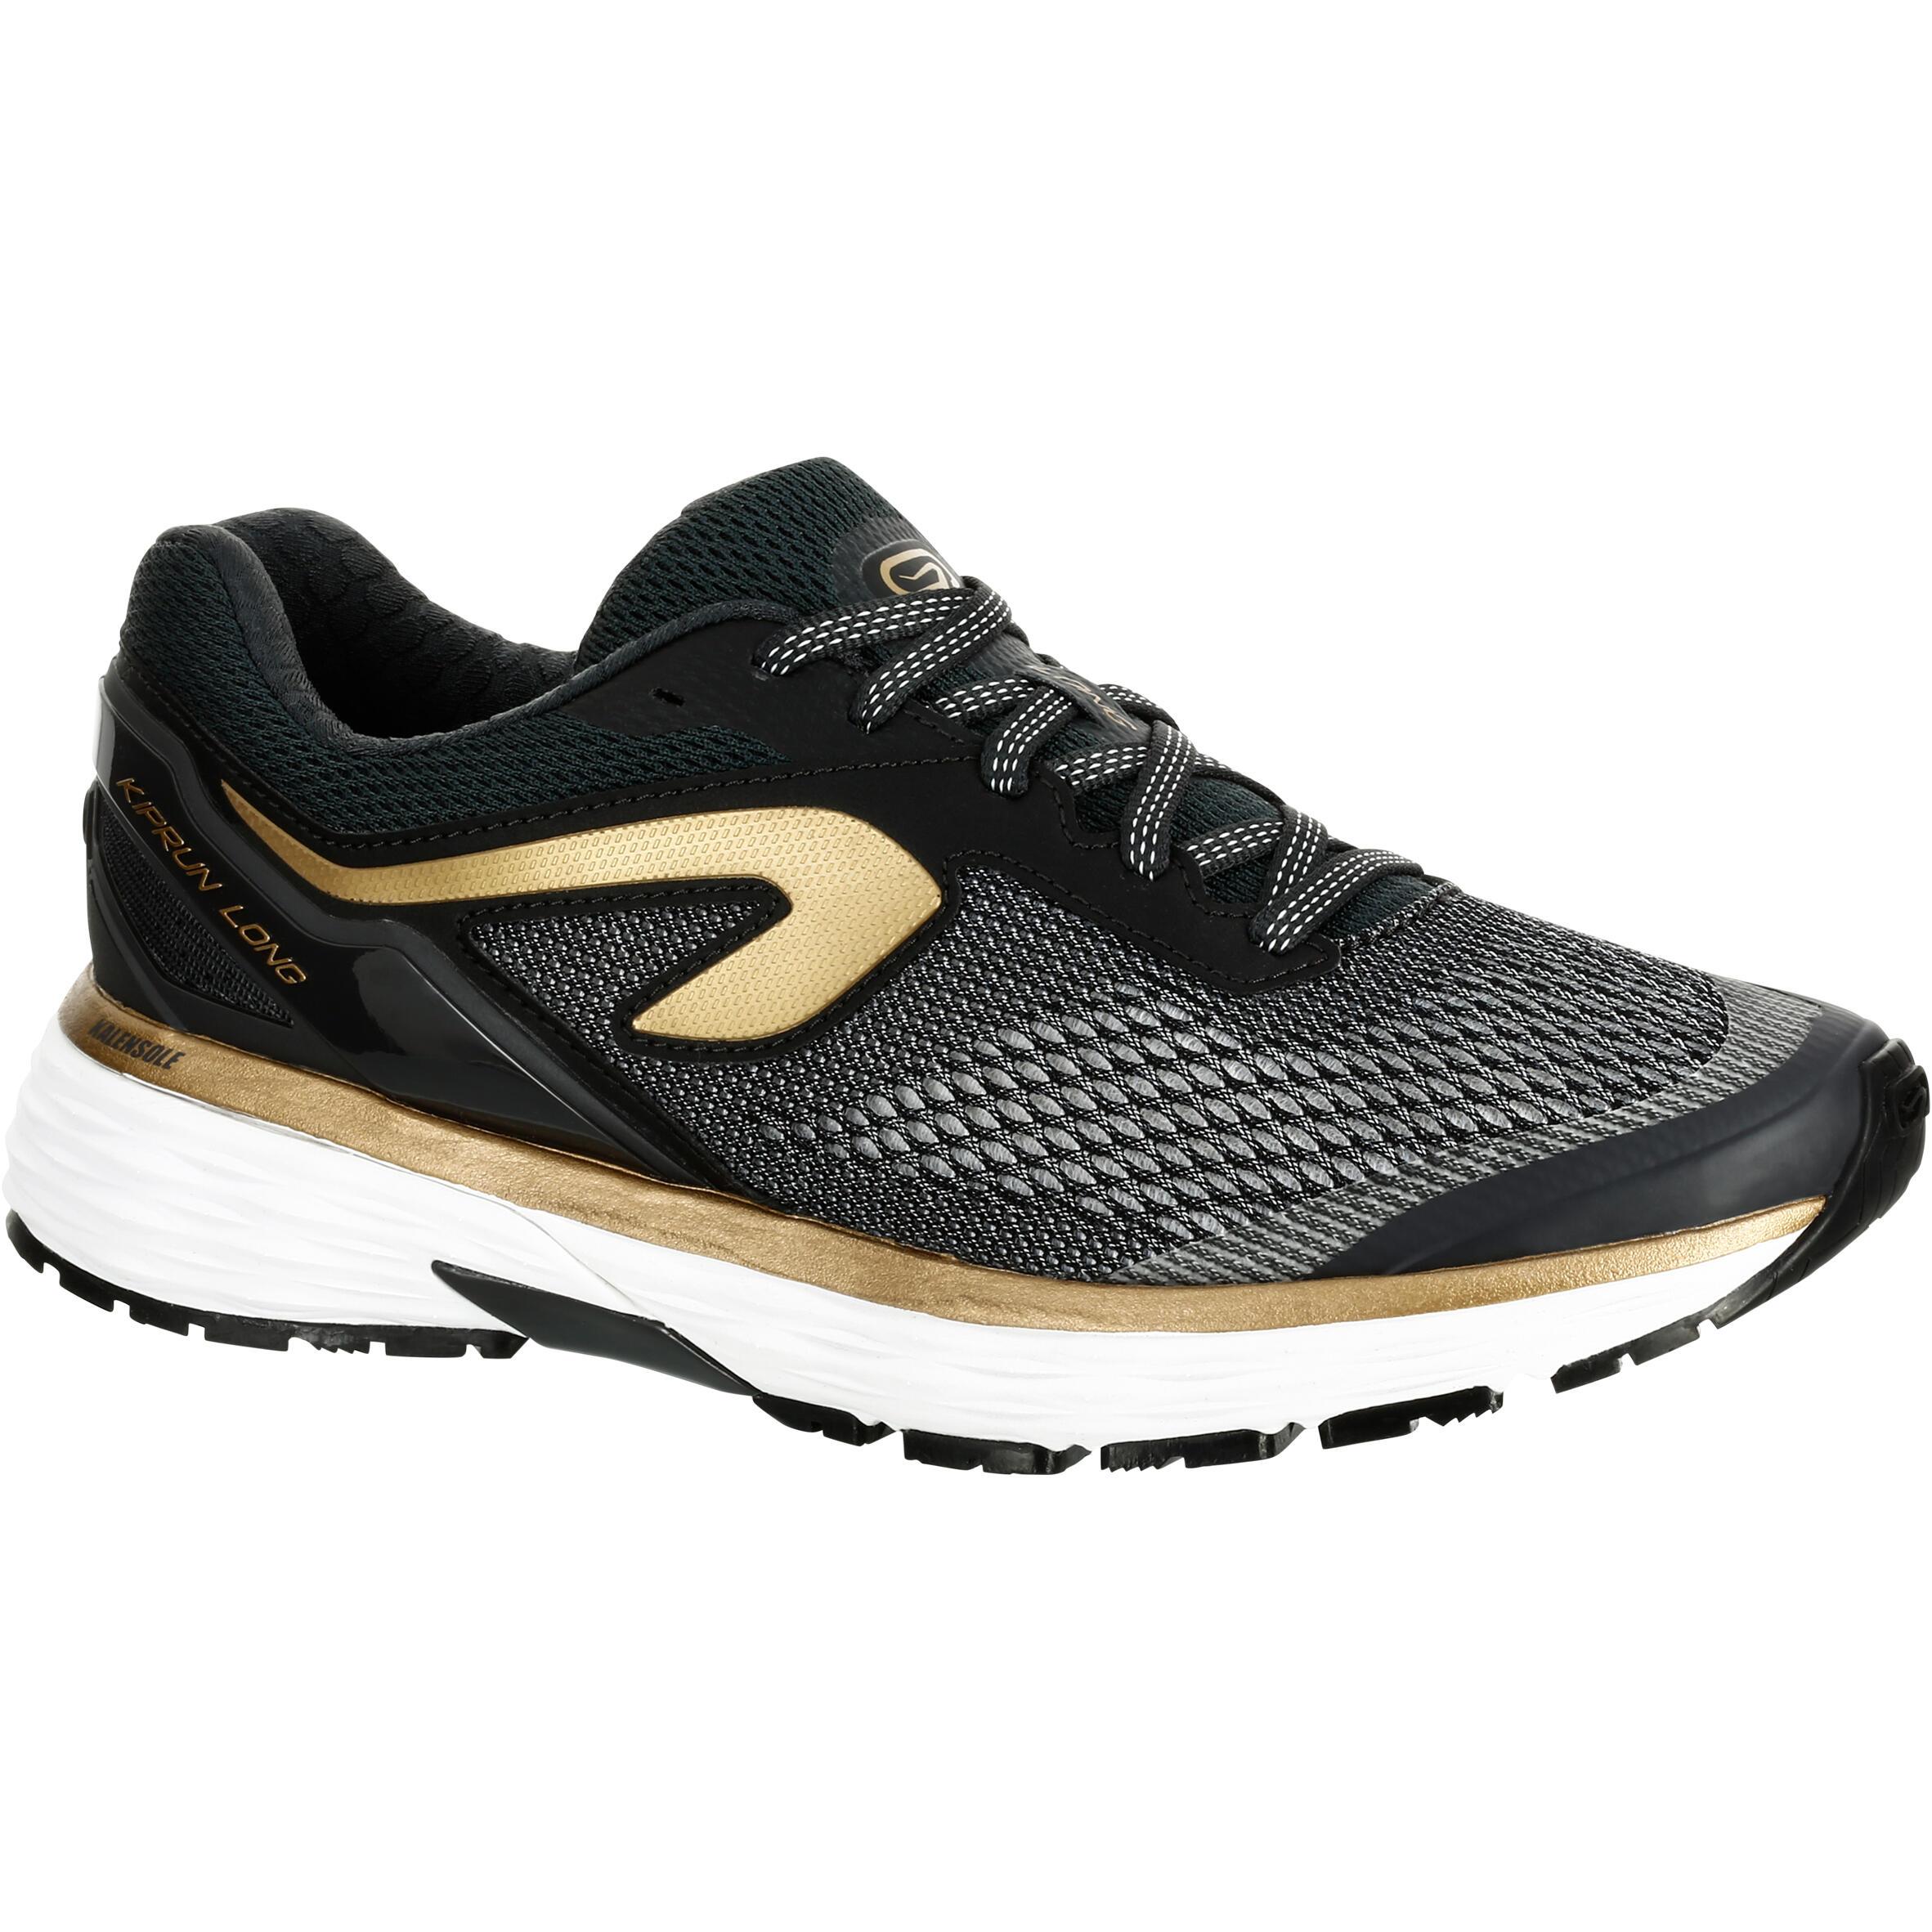 2501832 Kalenji Hardloopschoenen voor dames Kiprun Long zwart goud